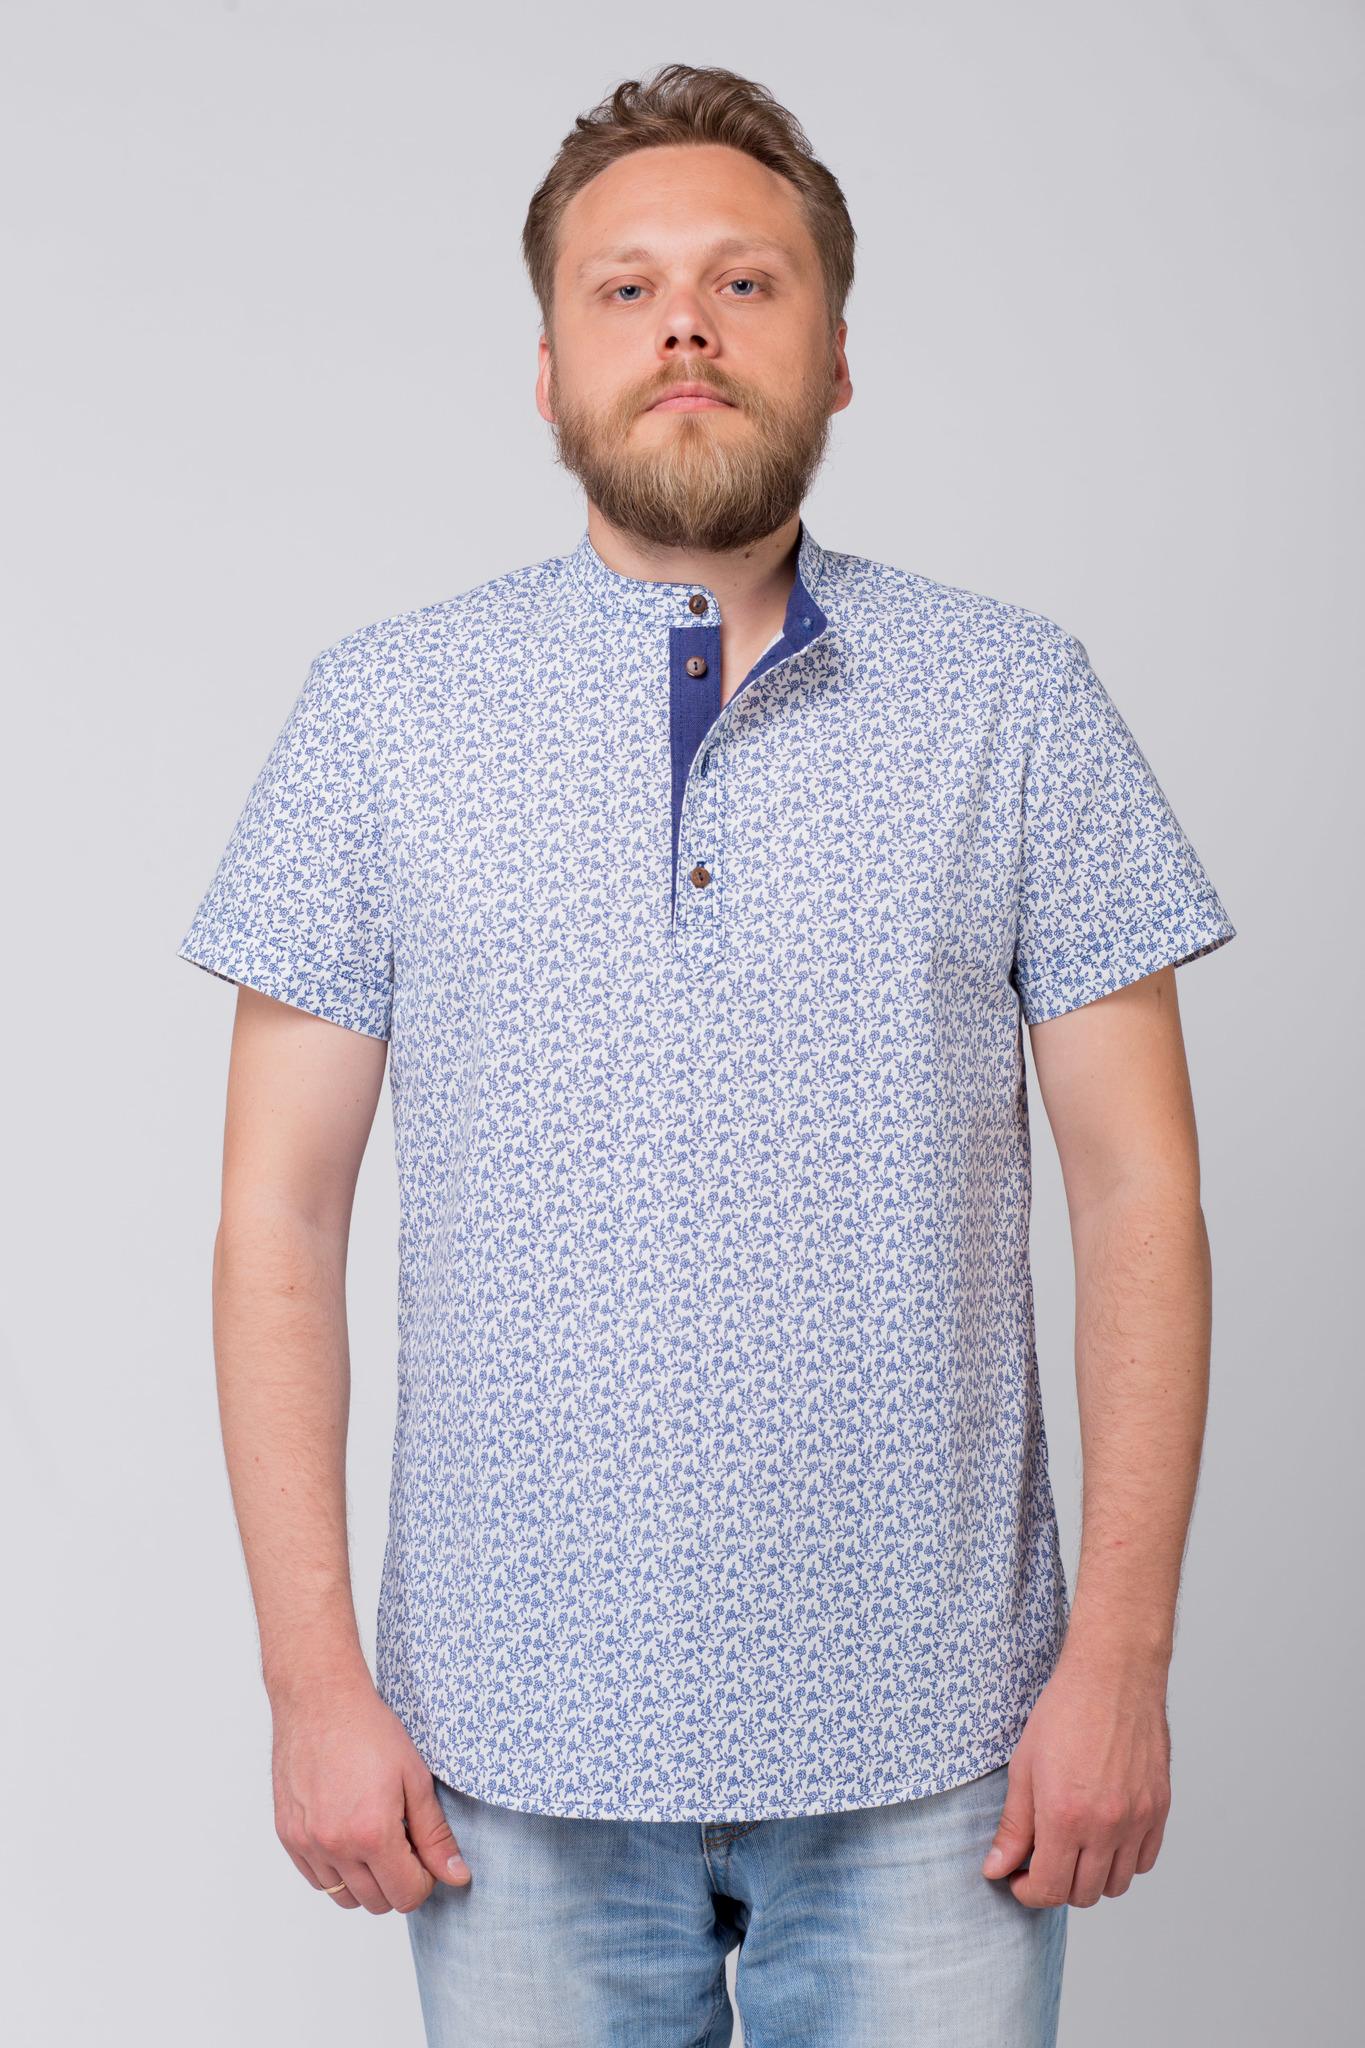 Рубашка льняная Енисейская с расстёгнутым воротом